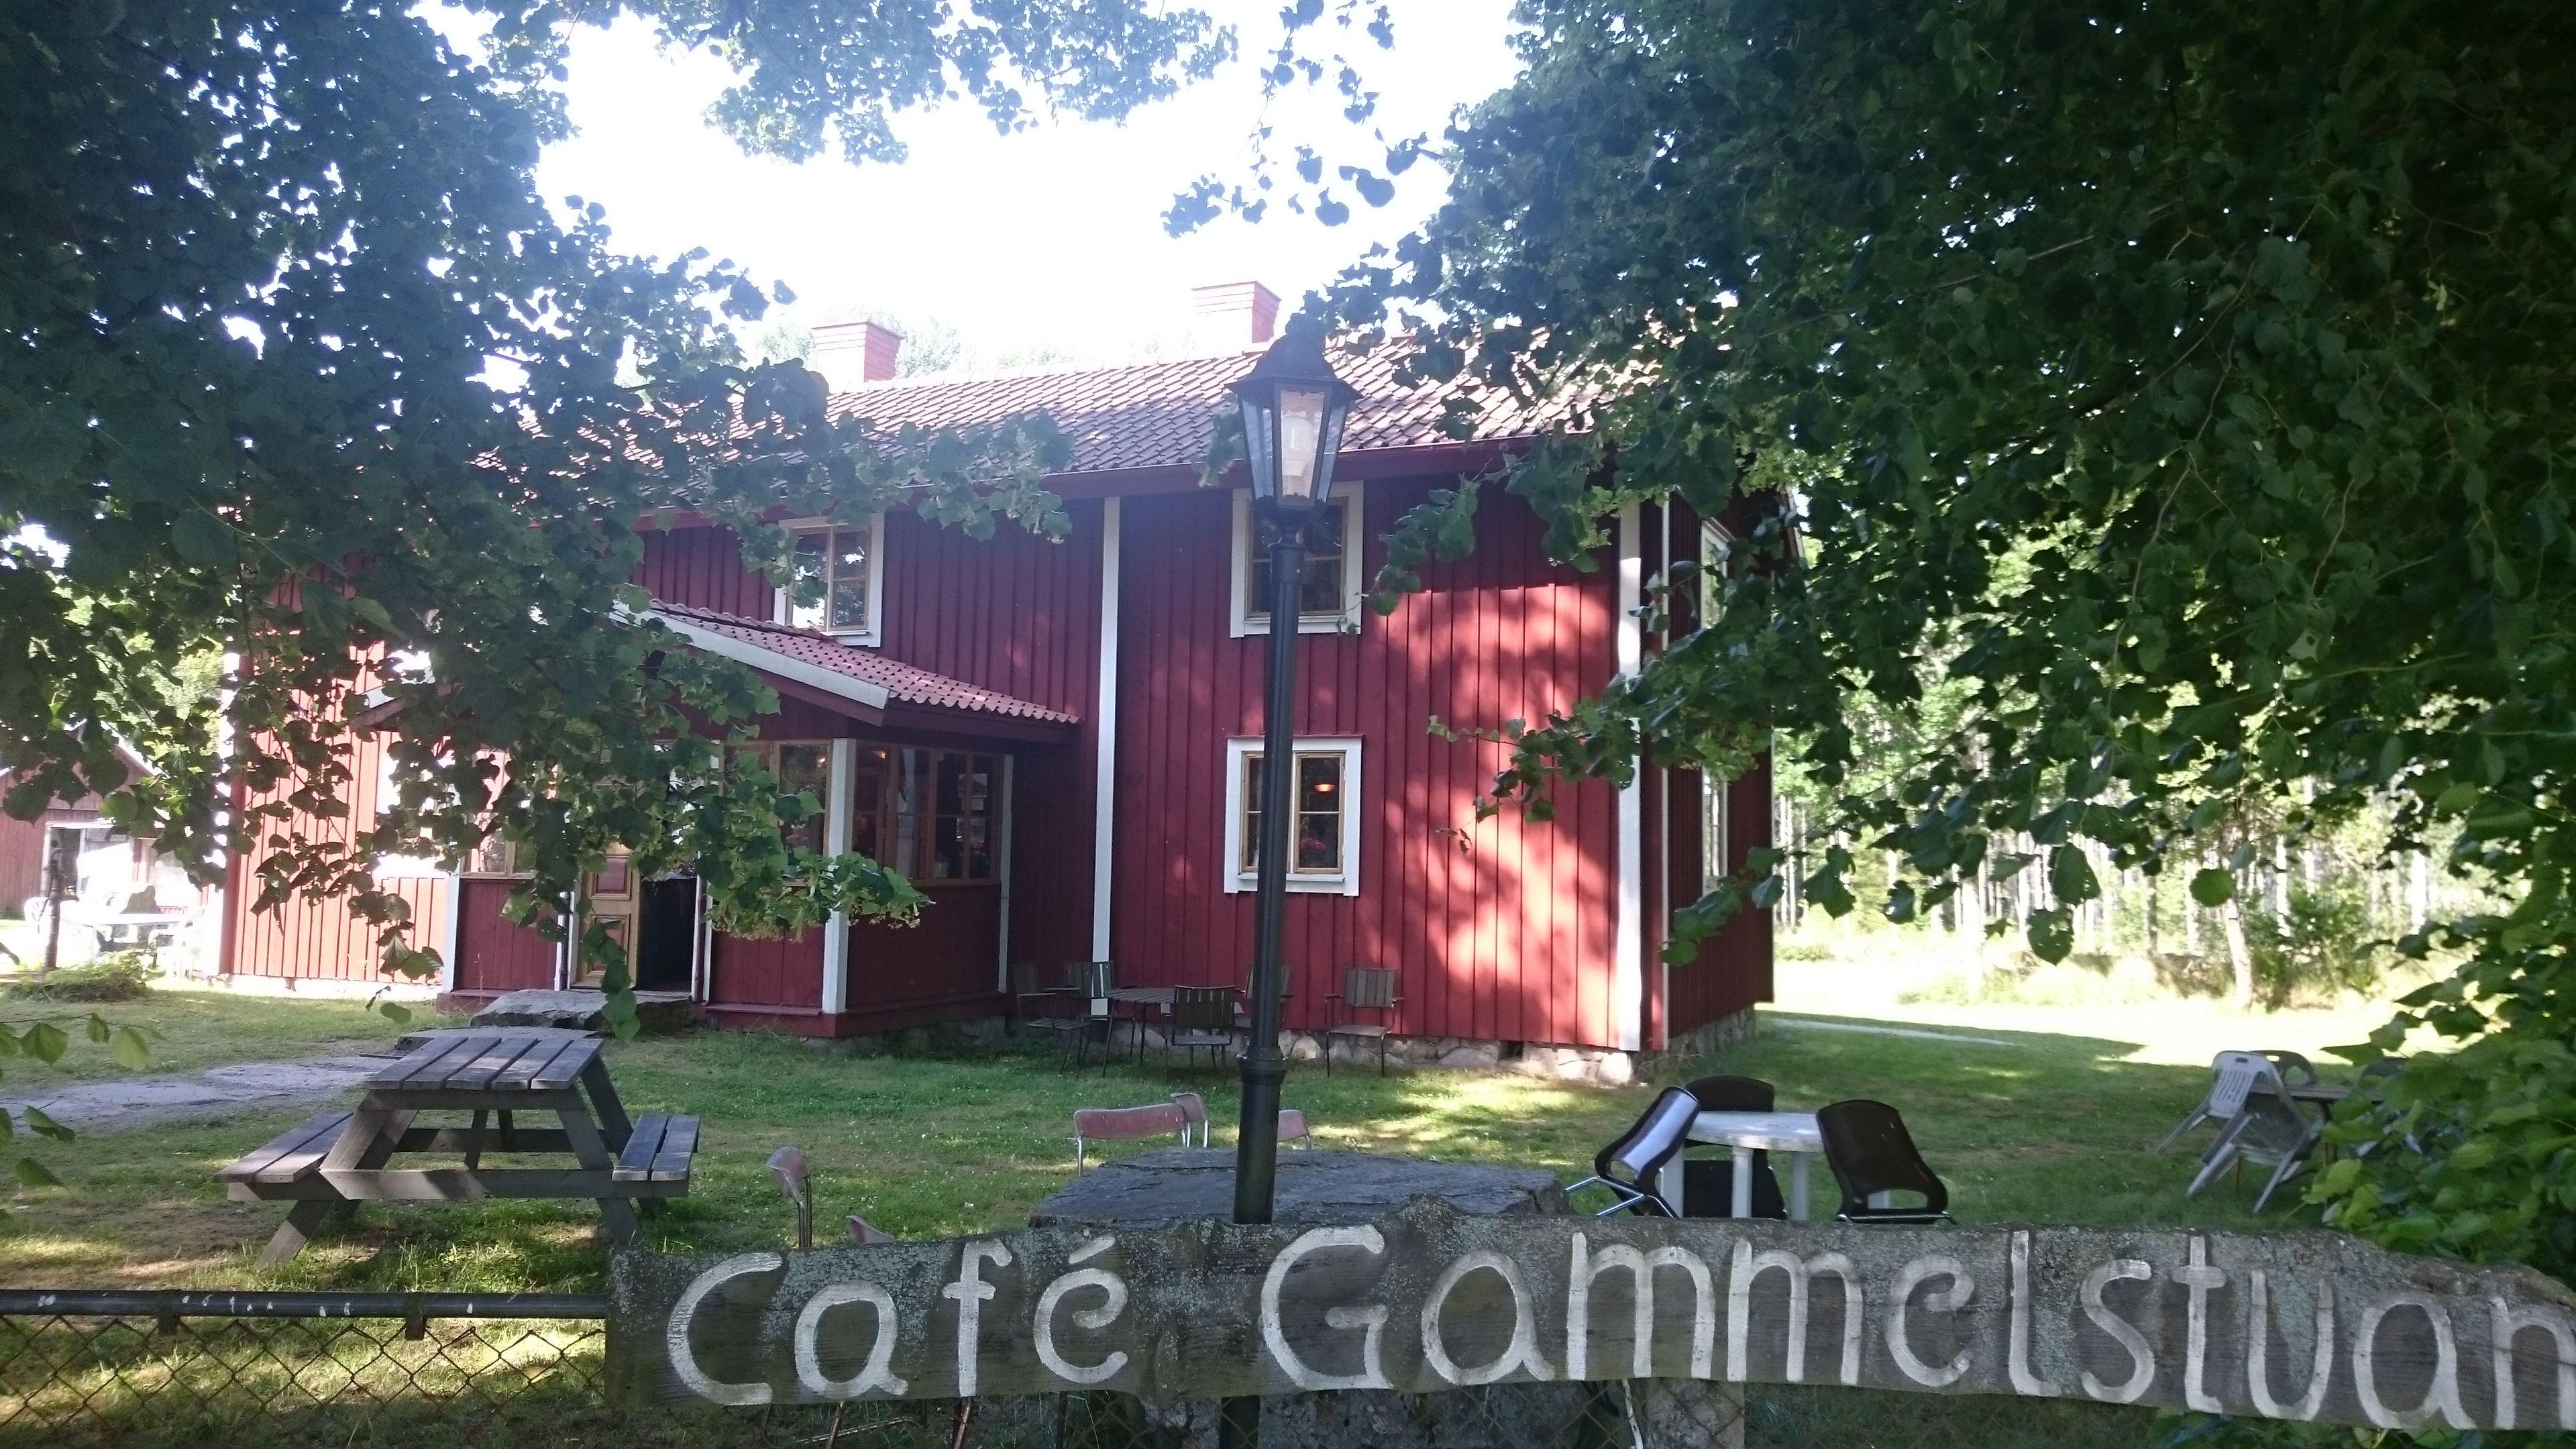 Sofia Carlsson,  © Tingsryds kommun, Café Gammelstua